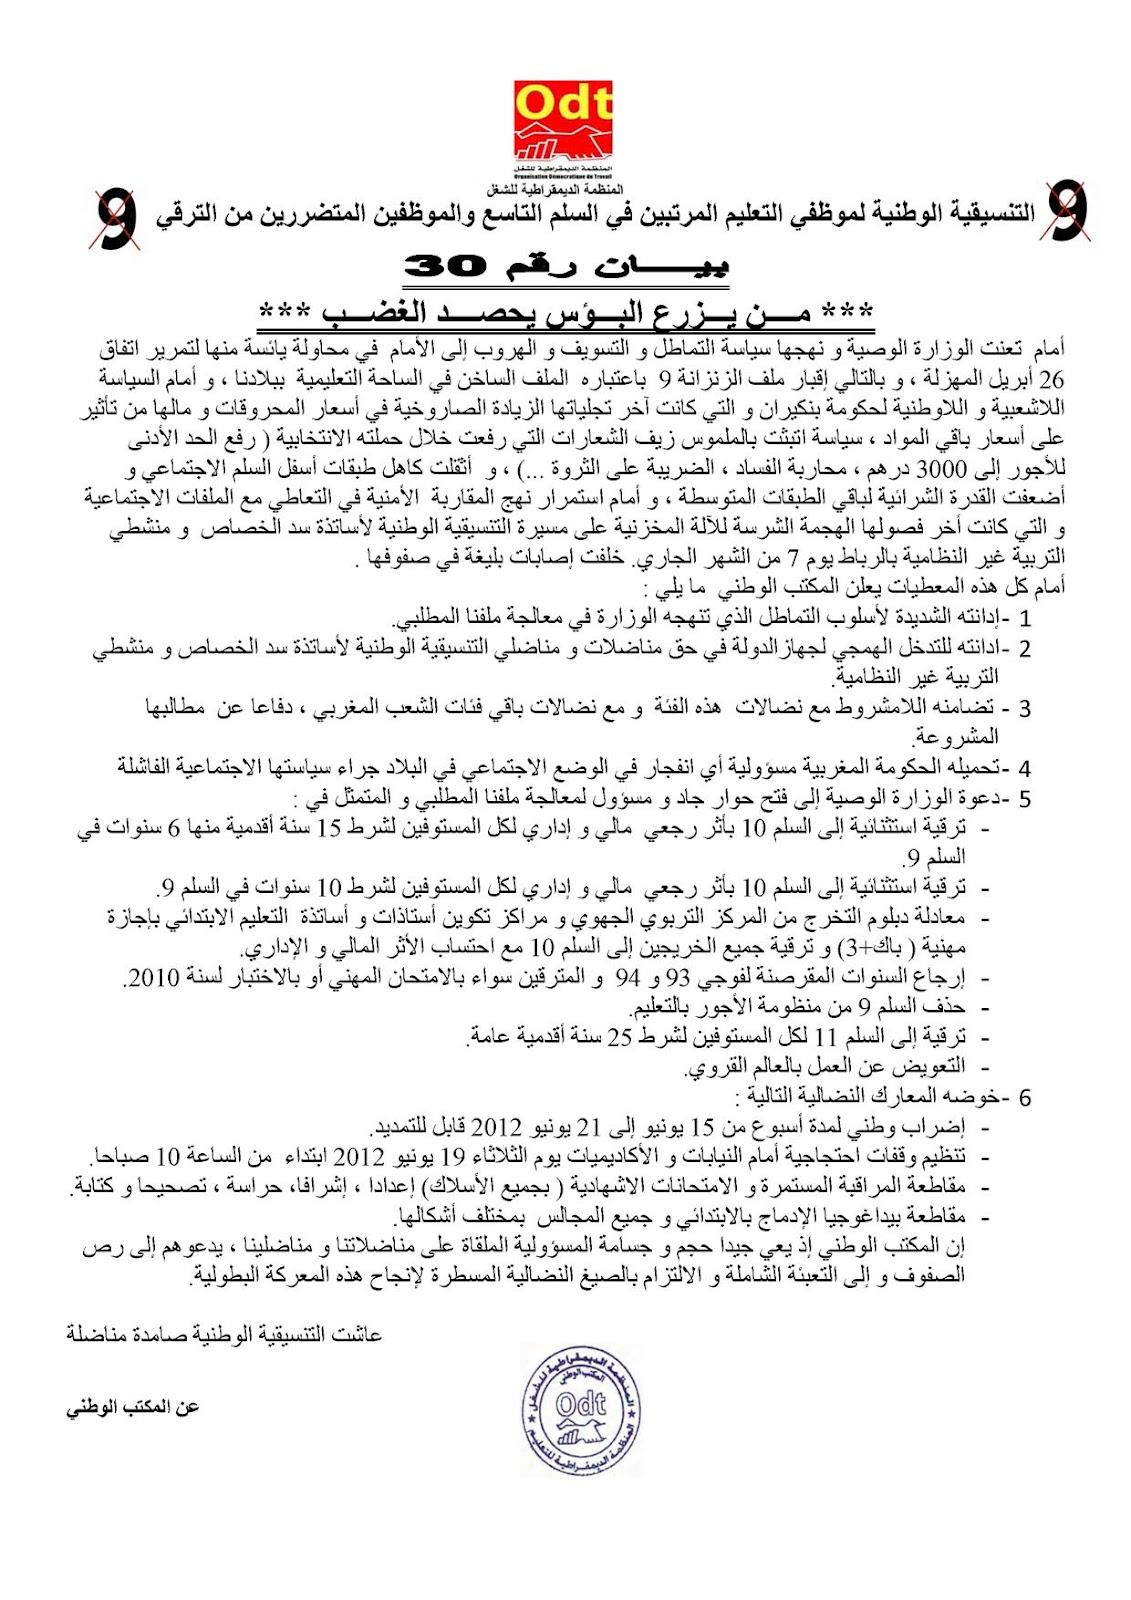 البيان رقم 30 للتنسيقية الوطنية لموظفي التعليم المرتبين في السلم Note